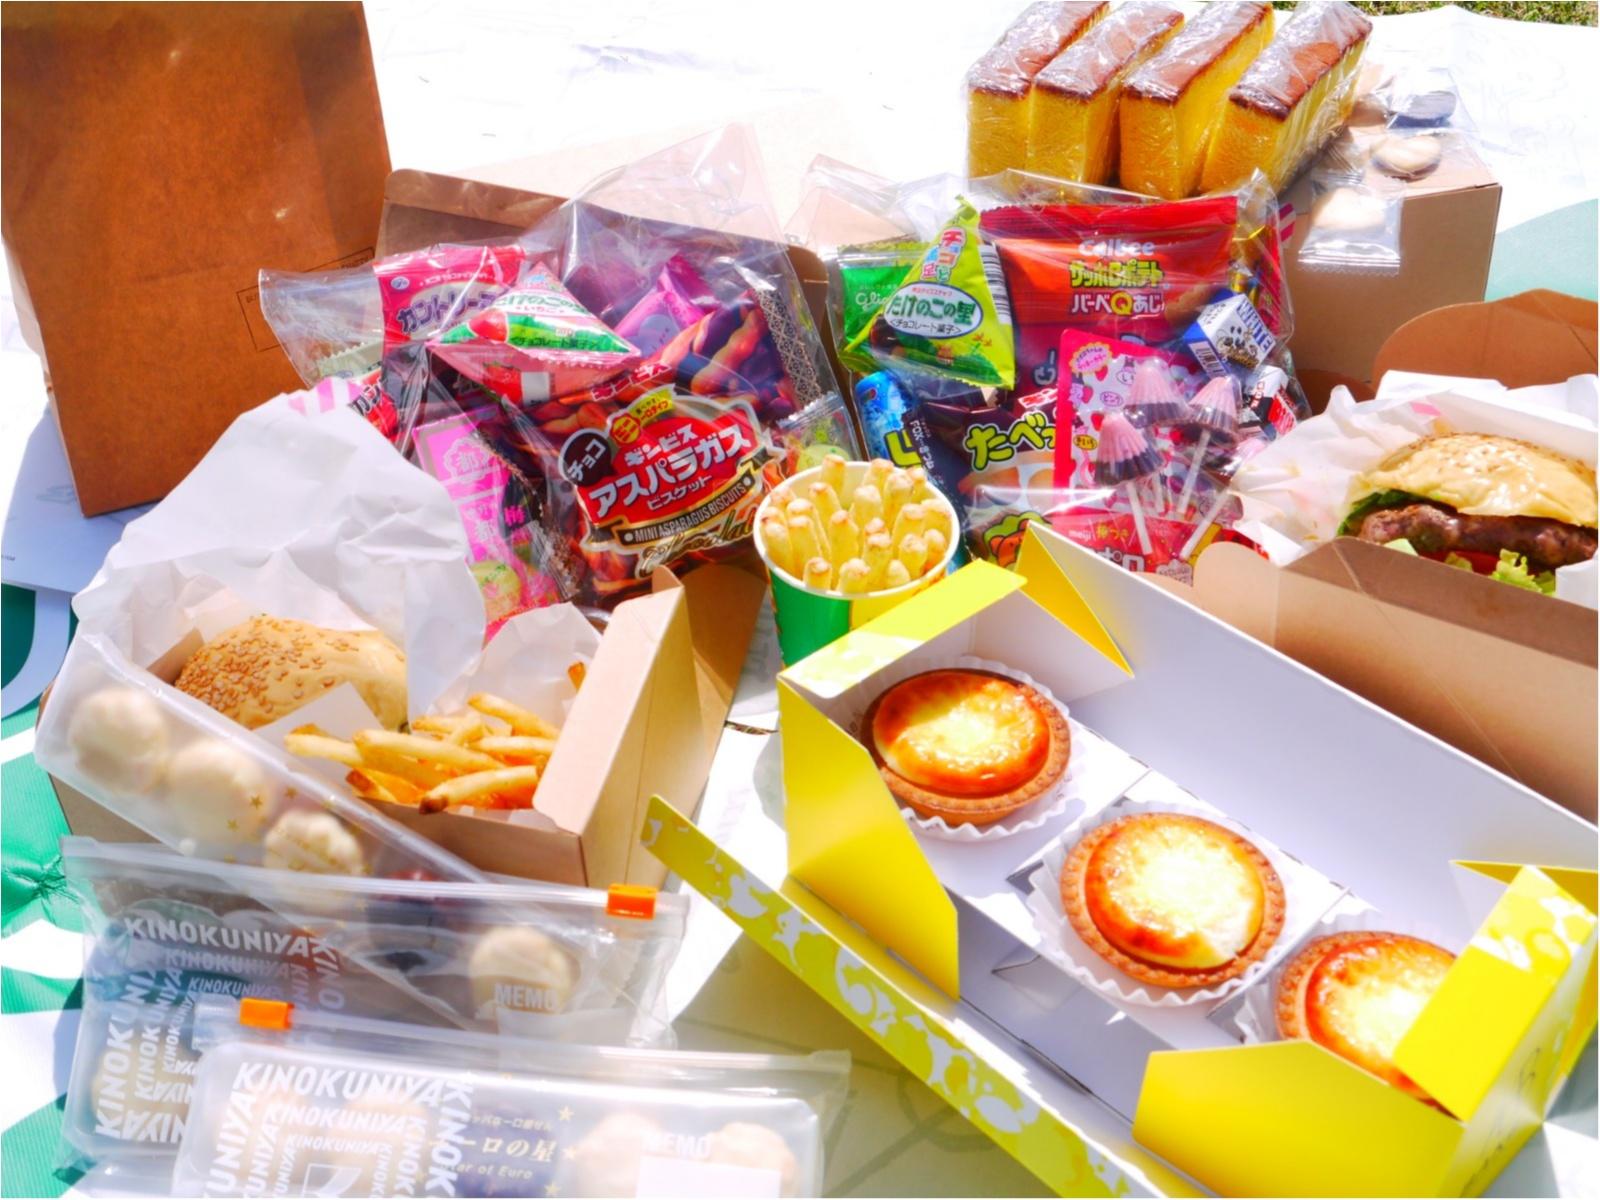 【おでかけ】春のレジャーは手軽に楽しめる『ピクニック』で決まり!GWにもおすすめです◎_1